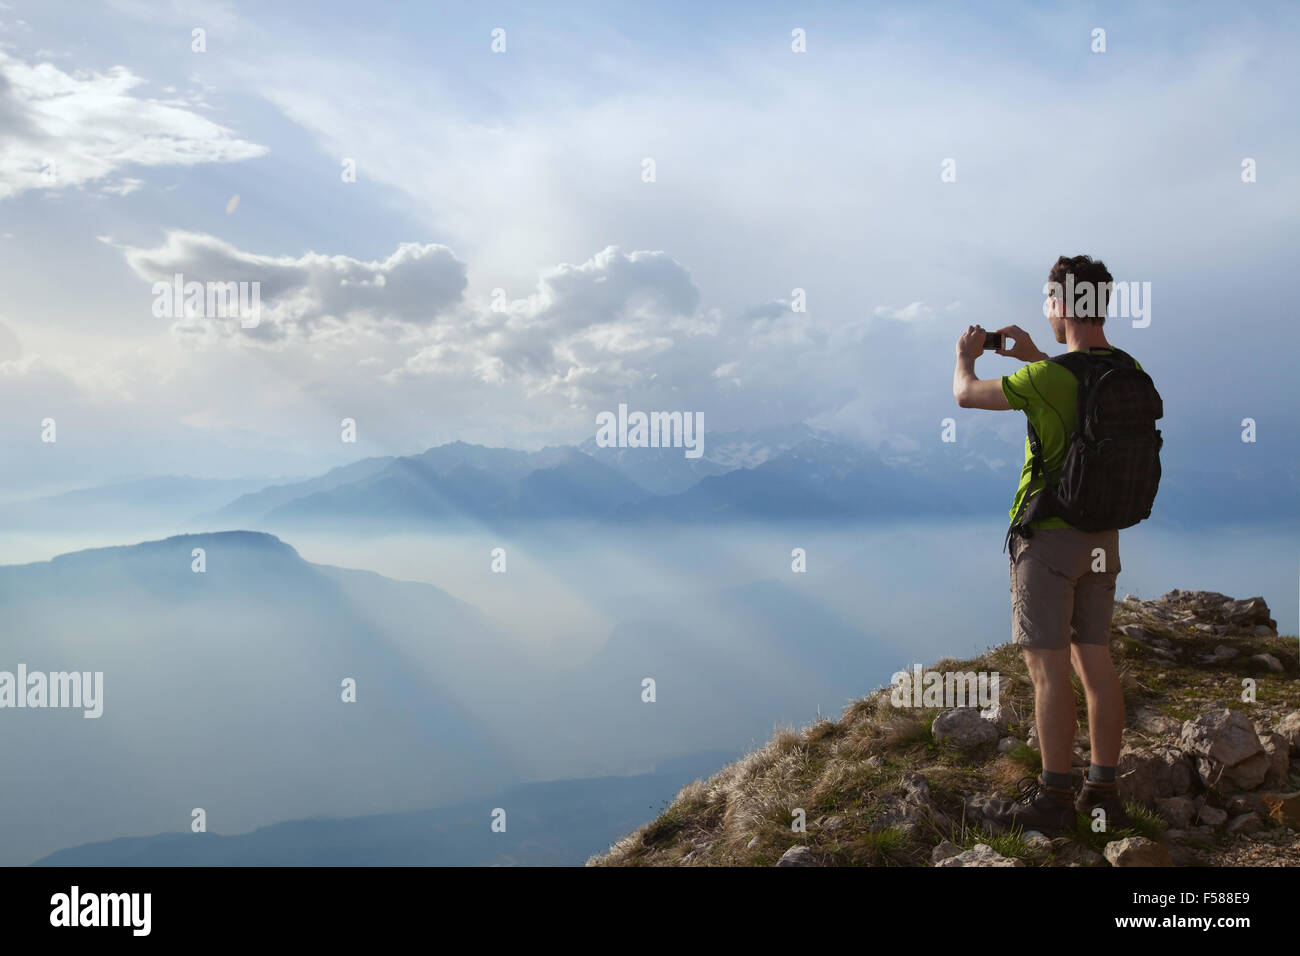 En randonneur photo de beaux paysages de montagne avec un téléphone mobile Photo Stock